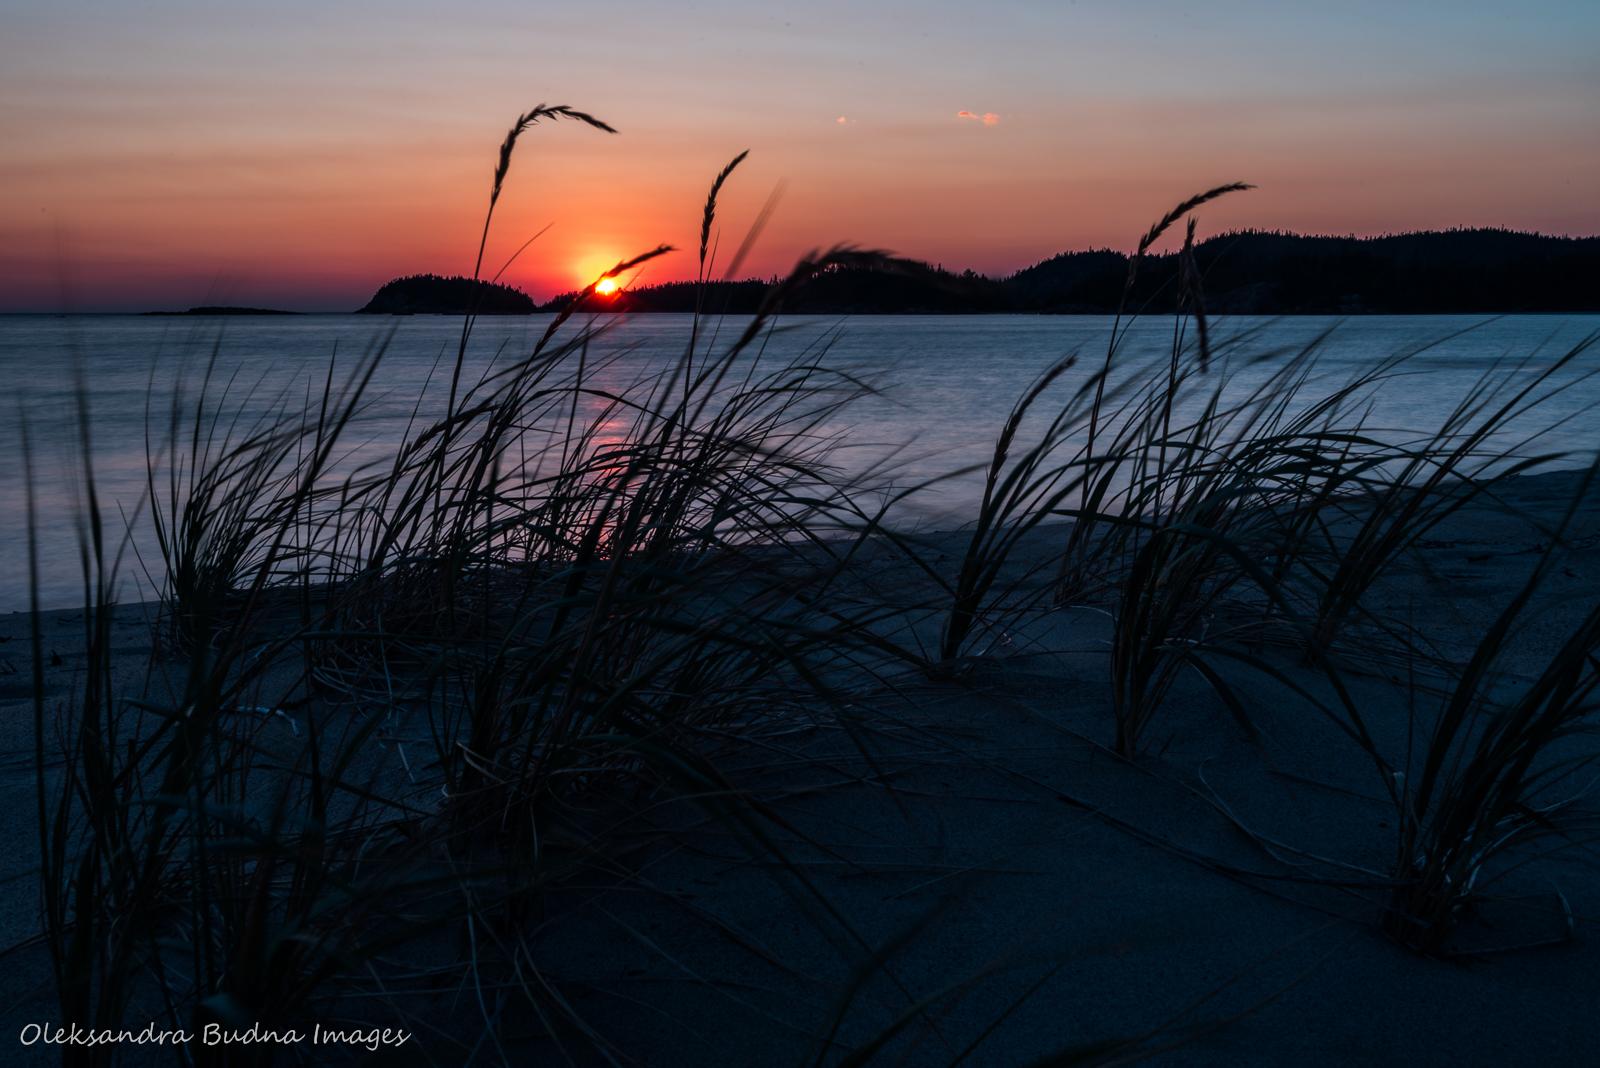 Sunset on Lake Superior at Oiseau Bay in Pukaskwa